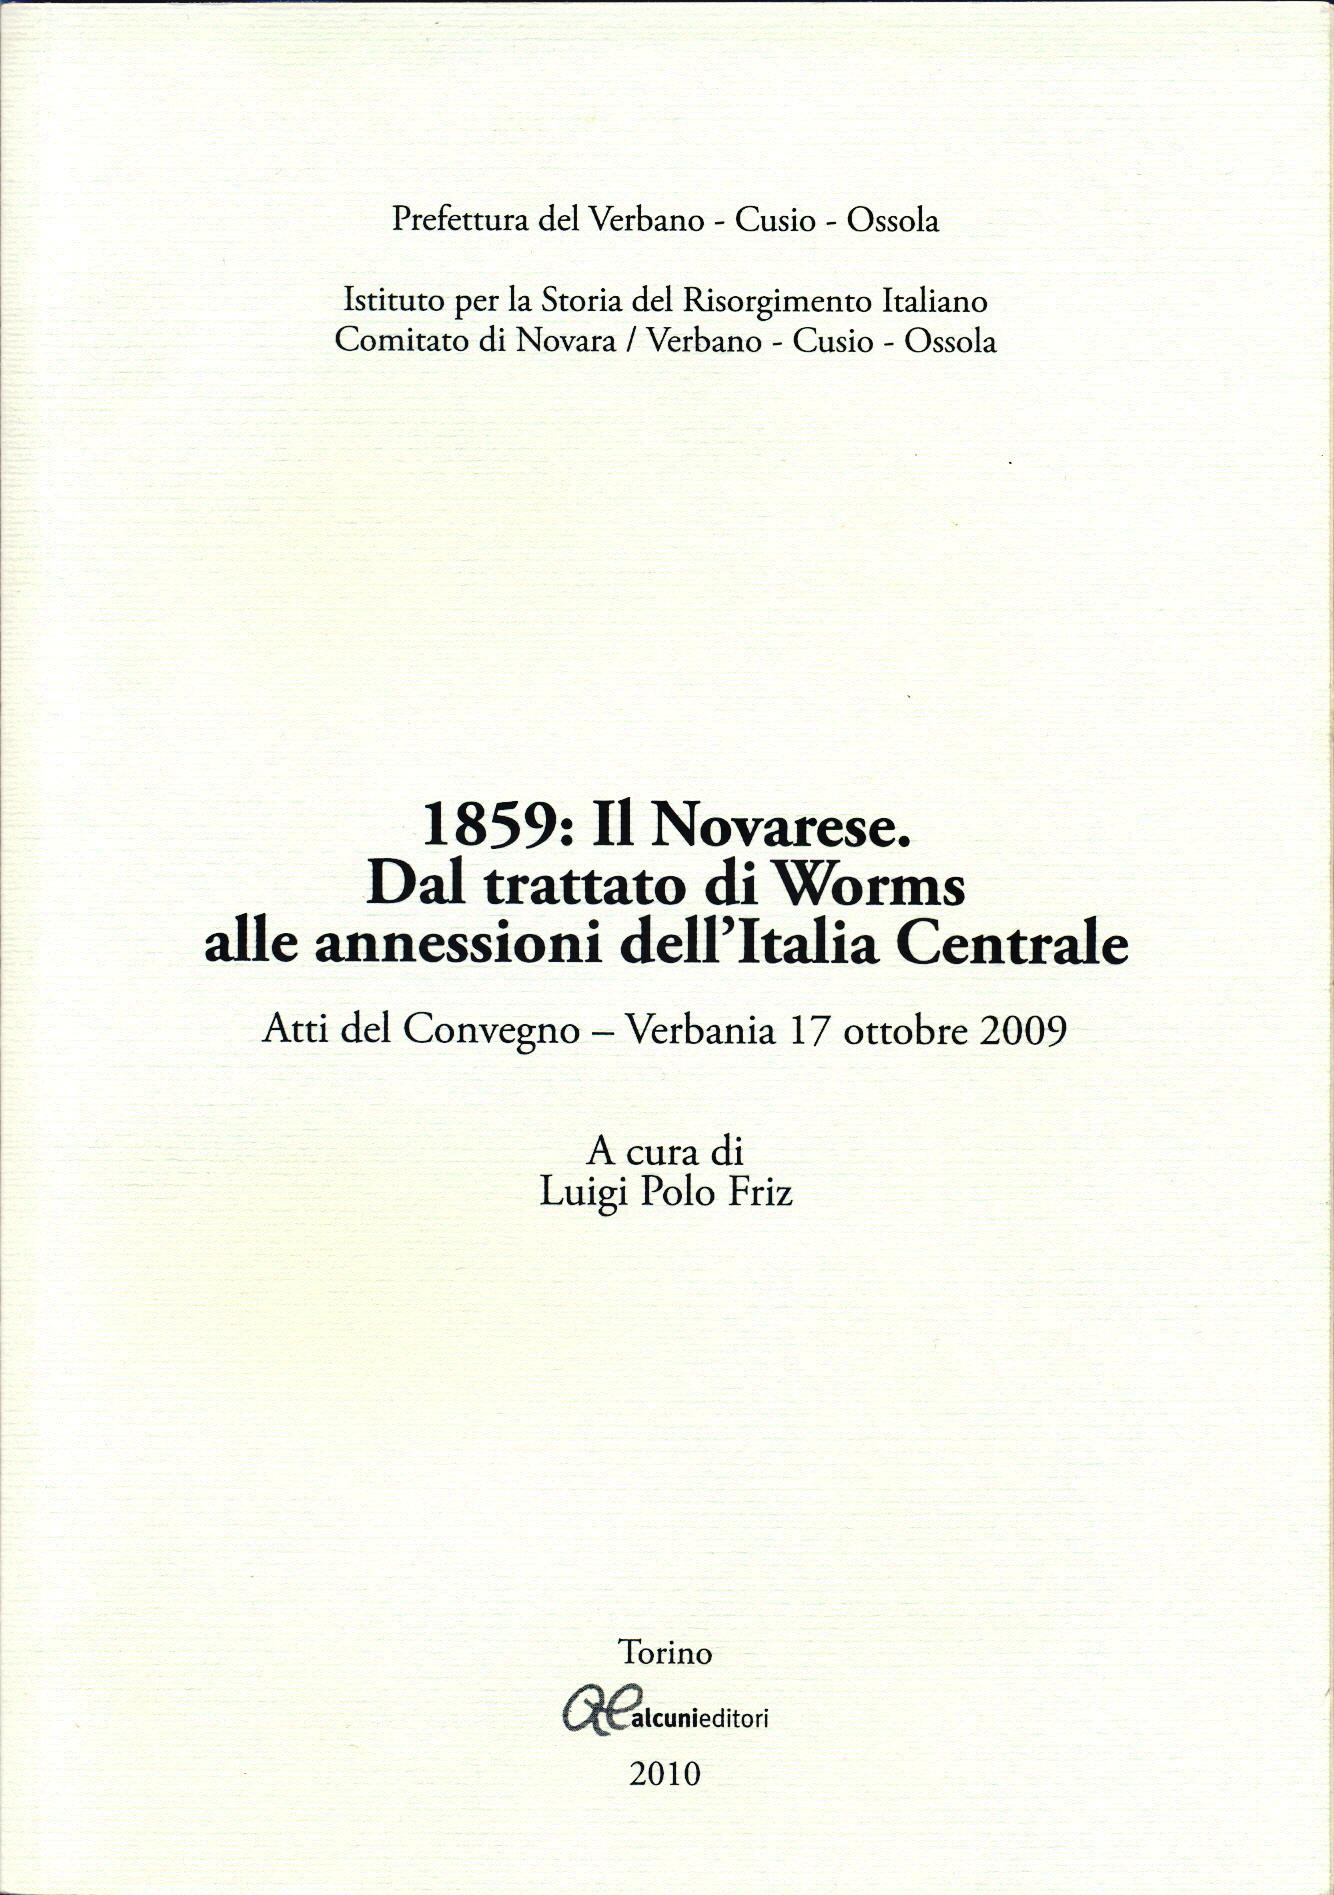 1859: Il Novarese. Dal trattato di Worms alle annessioni dell'Italia Centrale